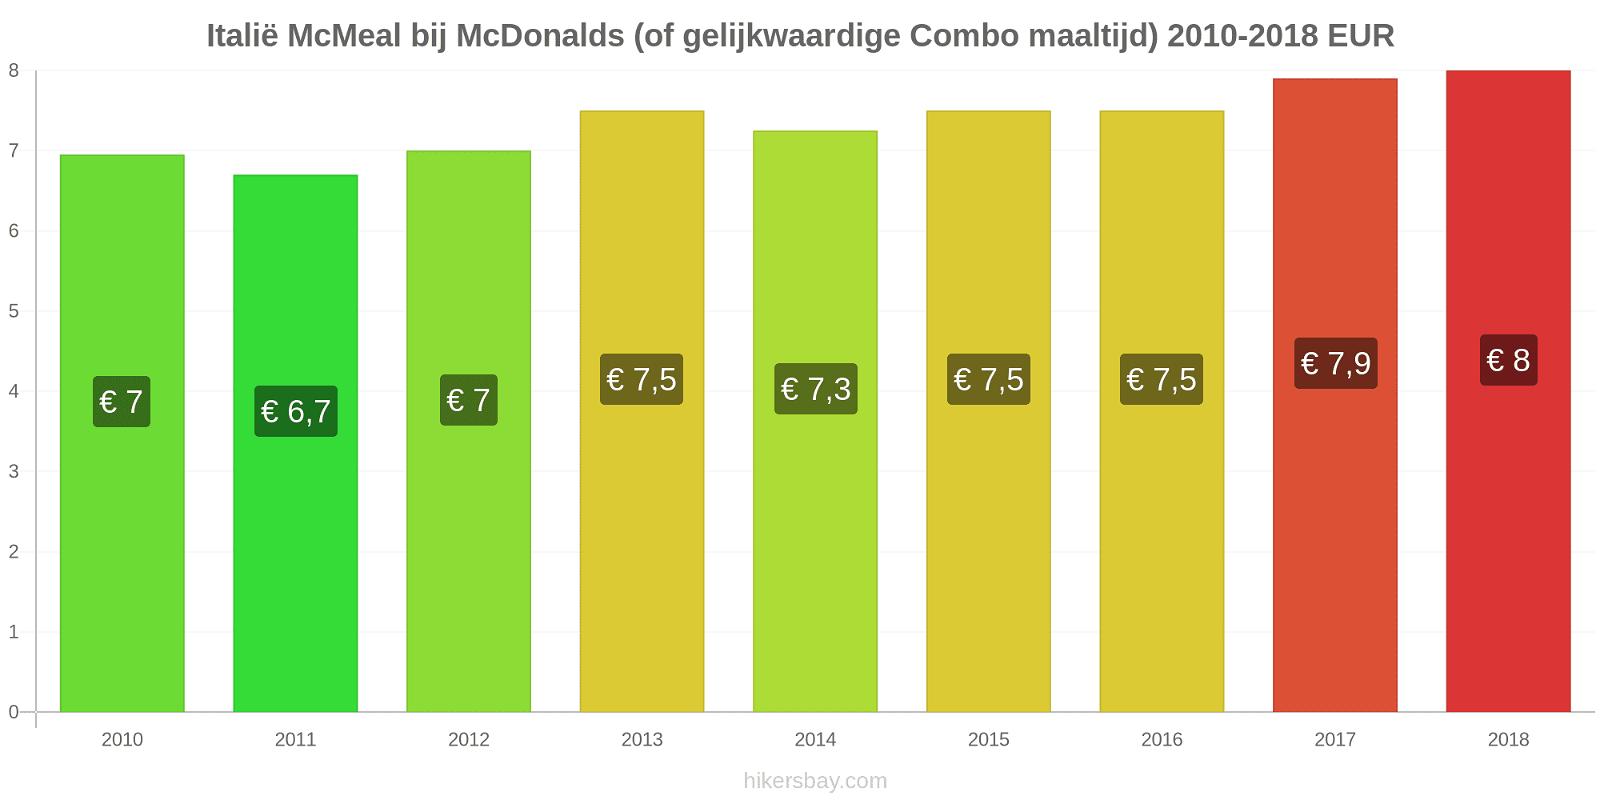 Italië prijswijzigingen McMeal bij McDonalds (of gelijkwaardige Combo maaltijd) hikersbay.com